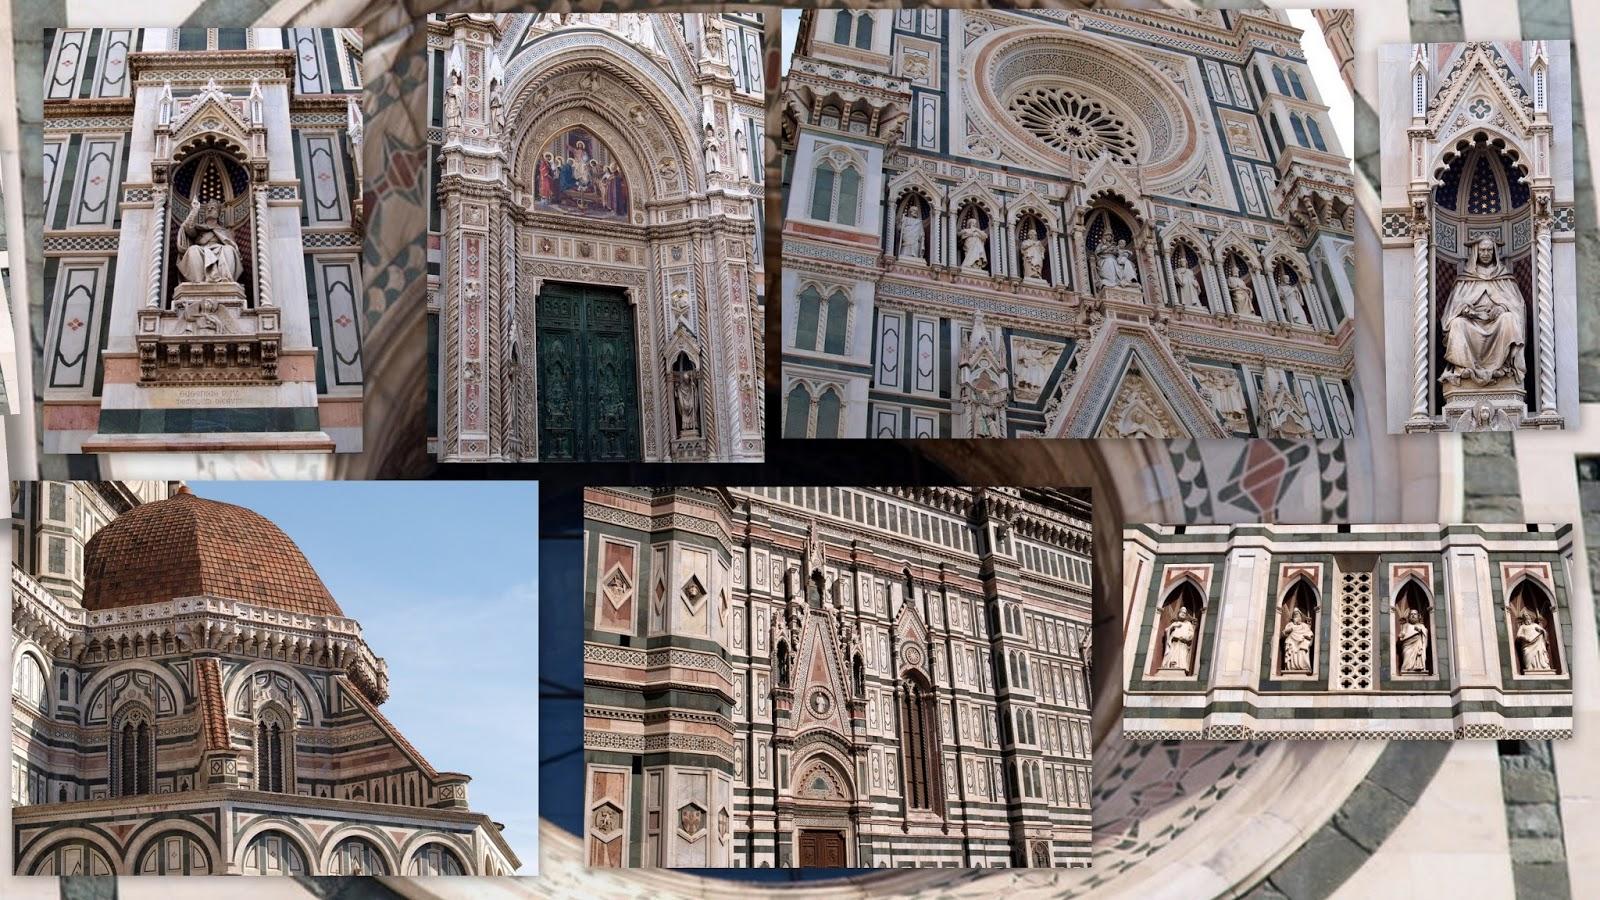 39 zien en weten 39 hoogtepunten van itali florence deel 10 - Decoratie gevelhuis buitenkant ...